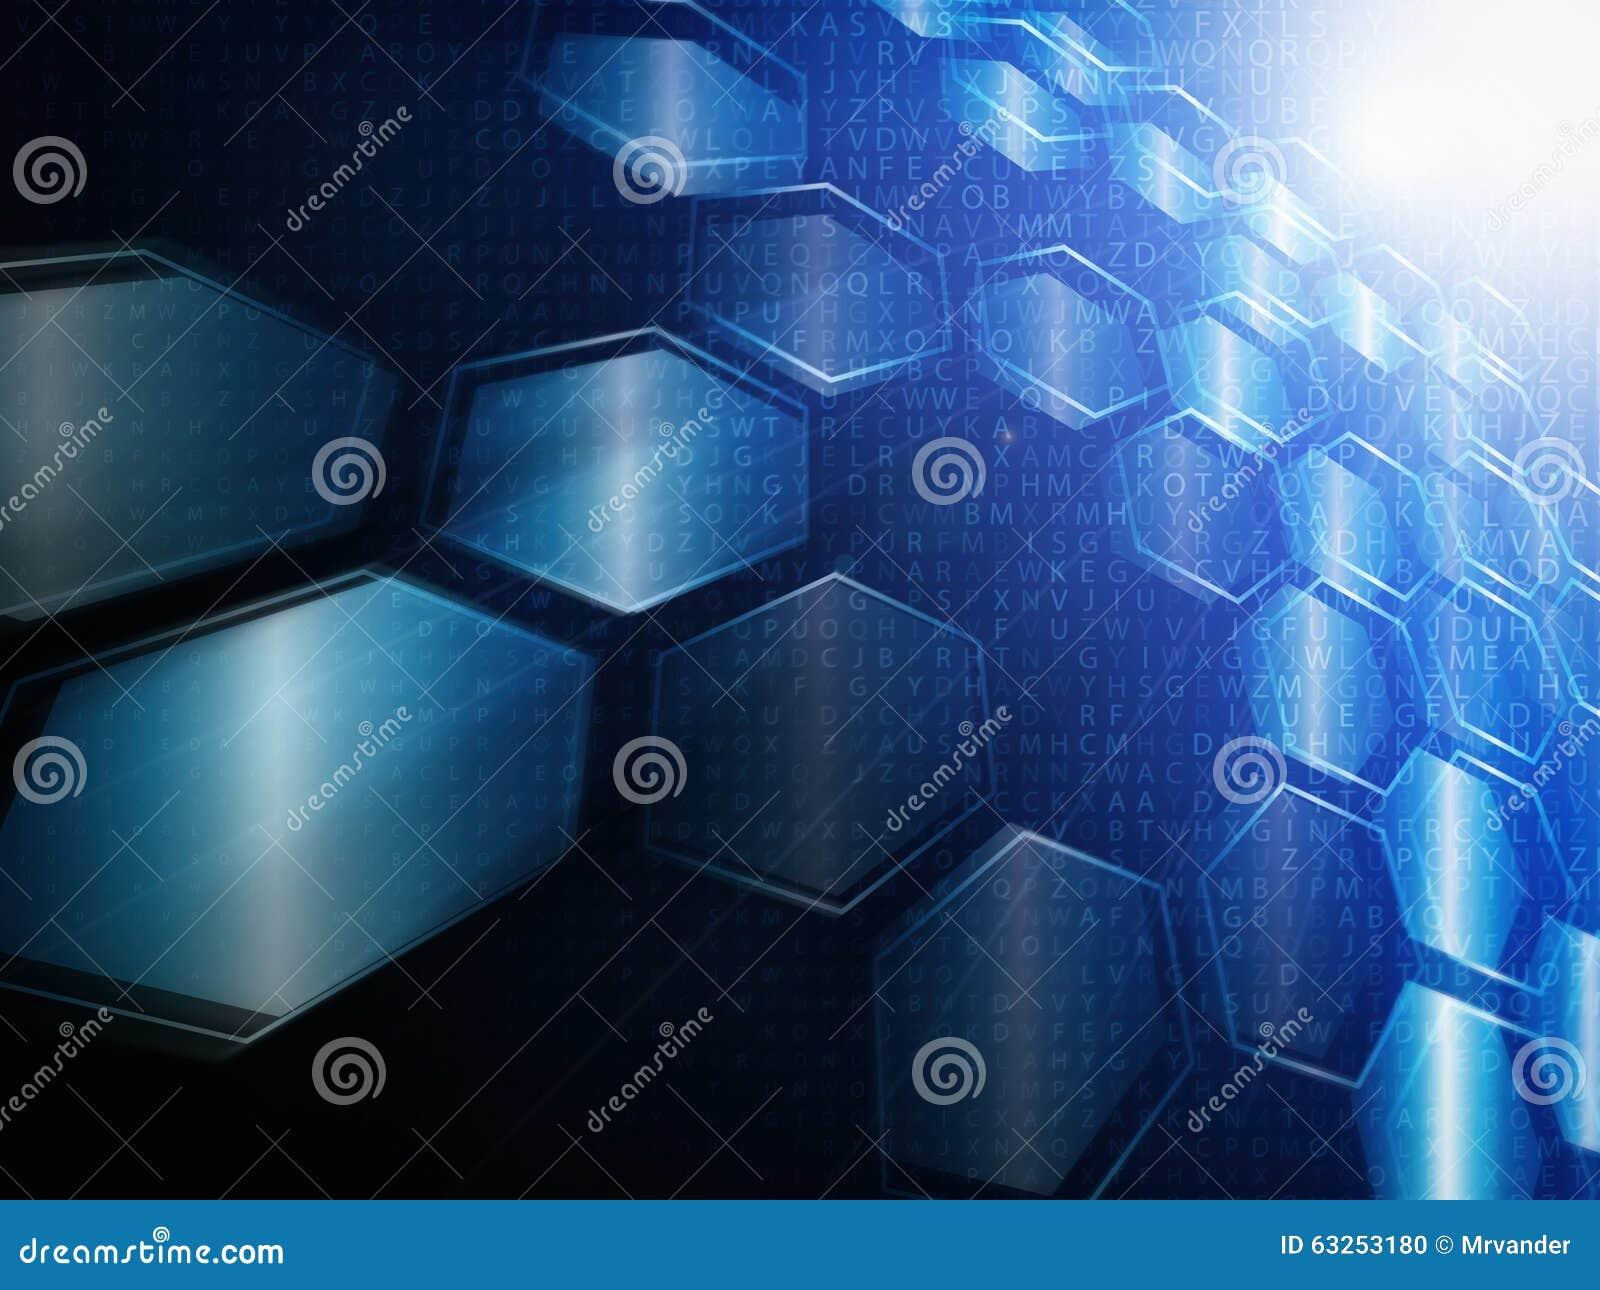 Conceito da tecnologia de Digitas, fundo abstrato com hexágonos